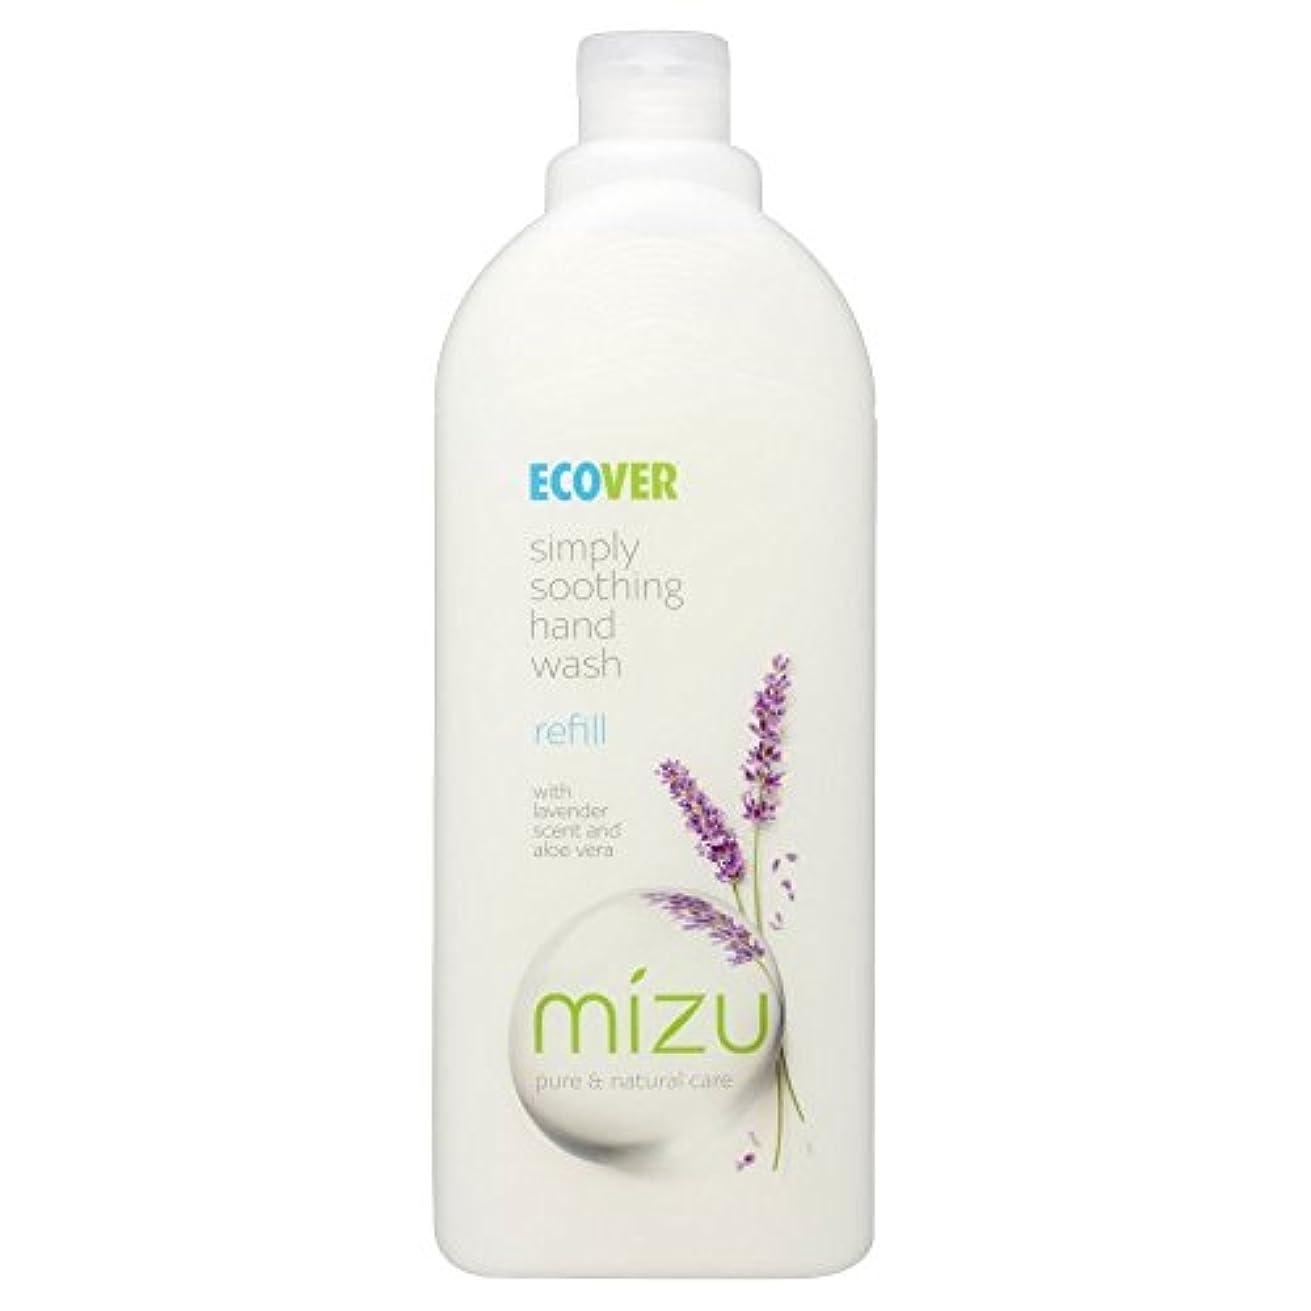 マグロープ共和党Ecover Liquid Hand Soap Lavender & Aloe Vera Refill (1L) エコベール液体ハンドソープラベンダーとアロエベラリフィル??( 1リットル) [並行輸入品]